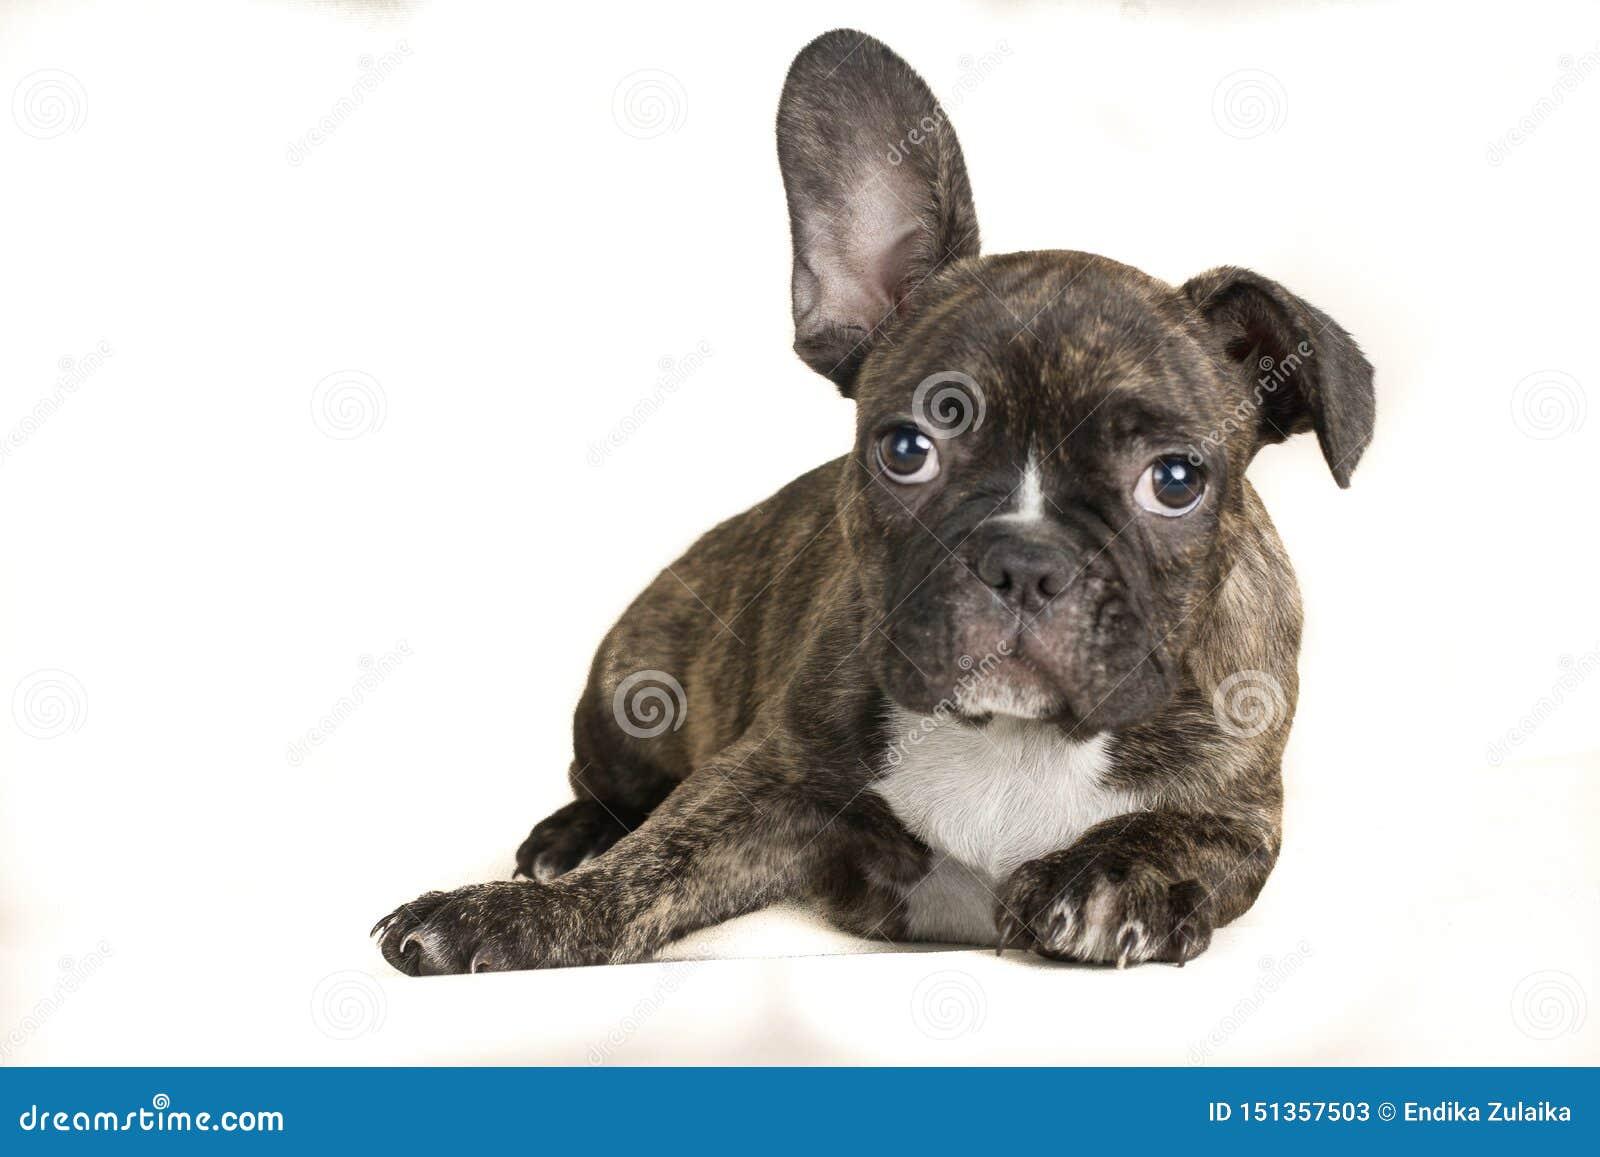 Porträt des liegenden fullbody braunen Hundes der französischen Bulldogge - Textraum auf dem links